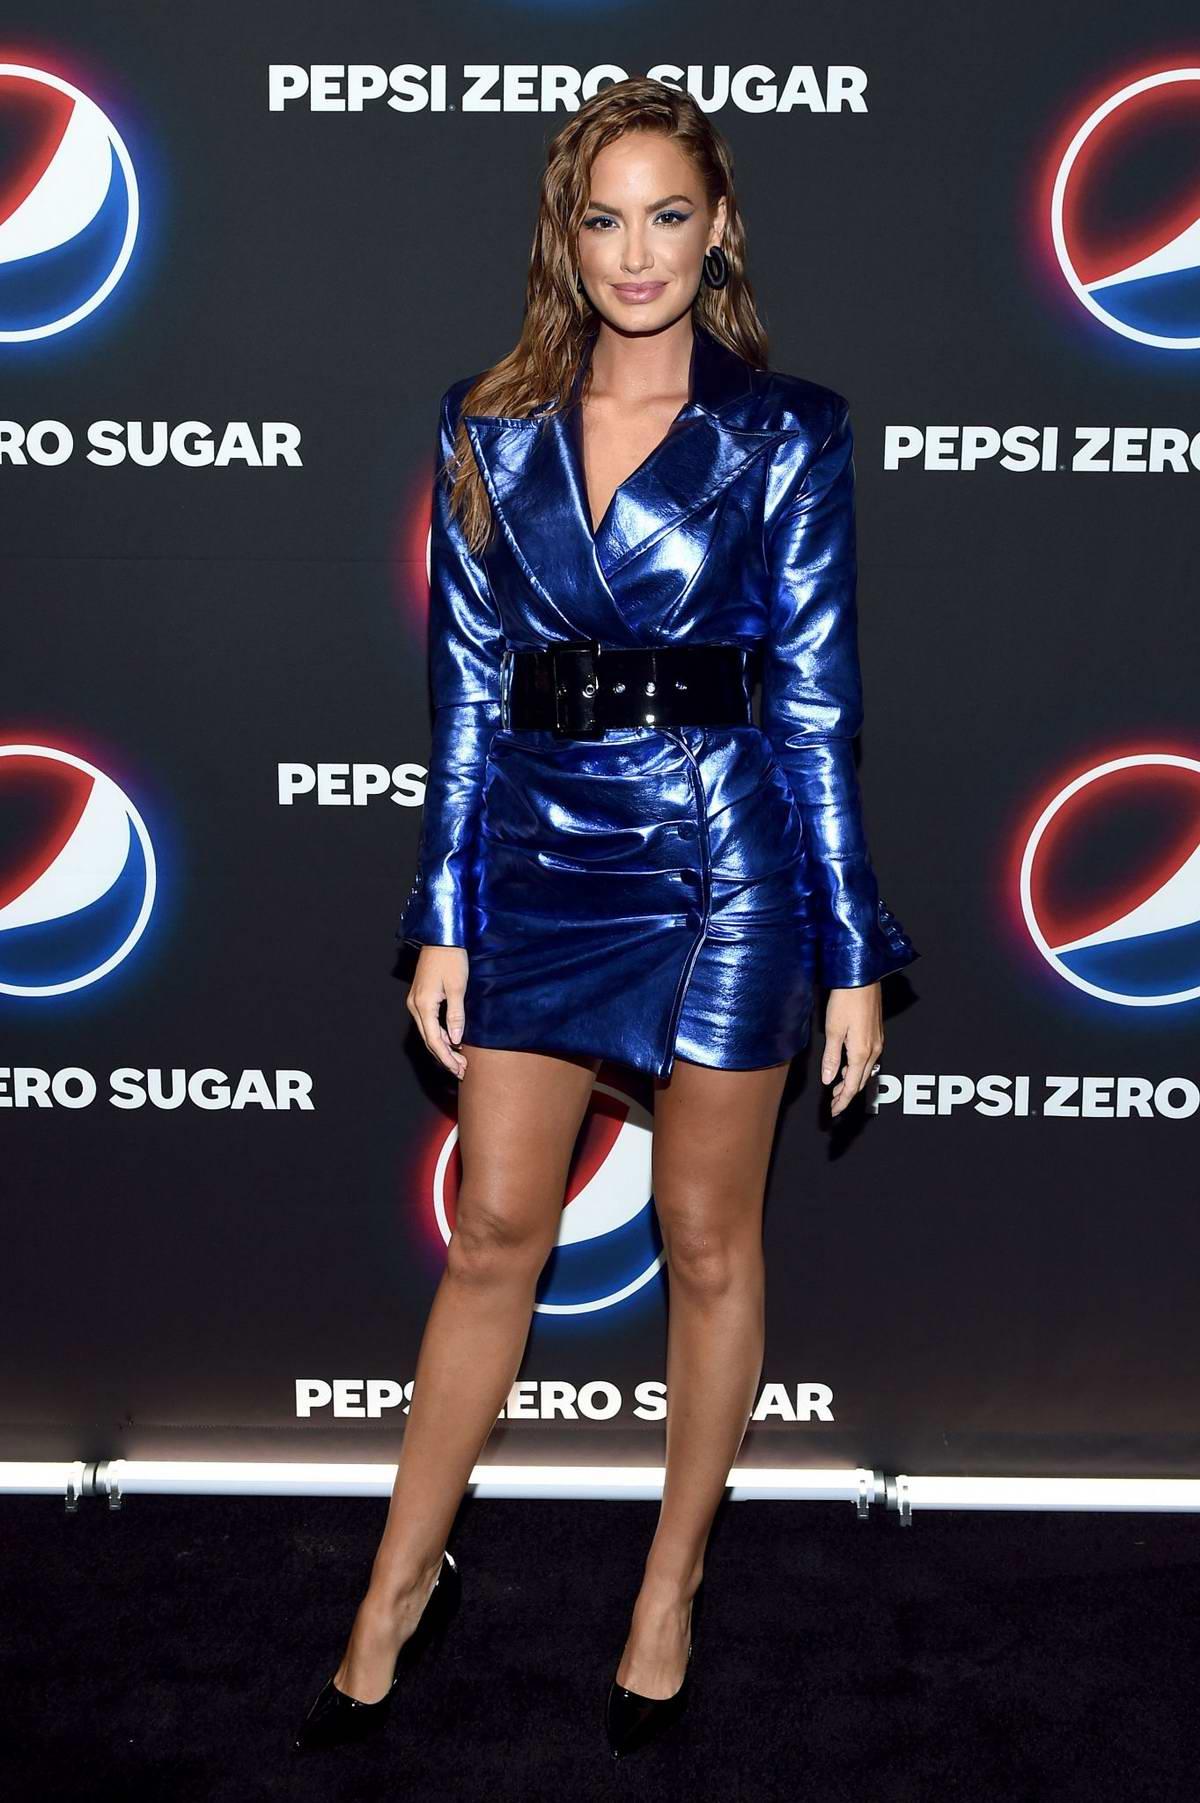 Haley Kalil attends the Pepsi Zero Sugar 2020 Super Bowl LIV Party in Miami, Florida